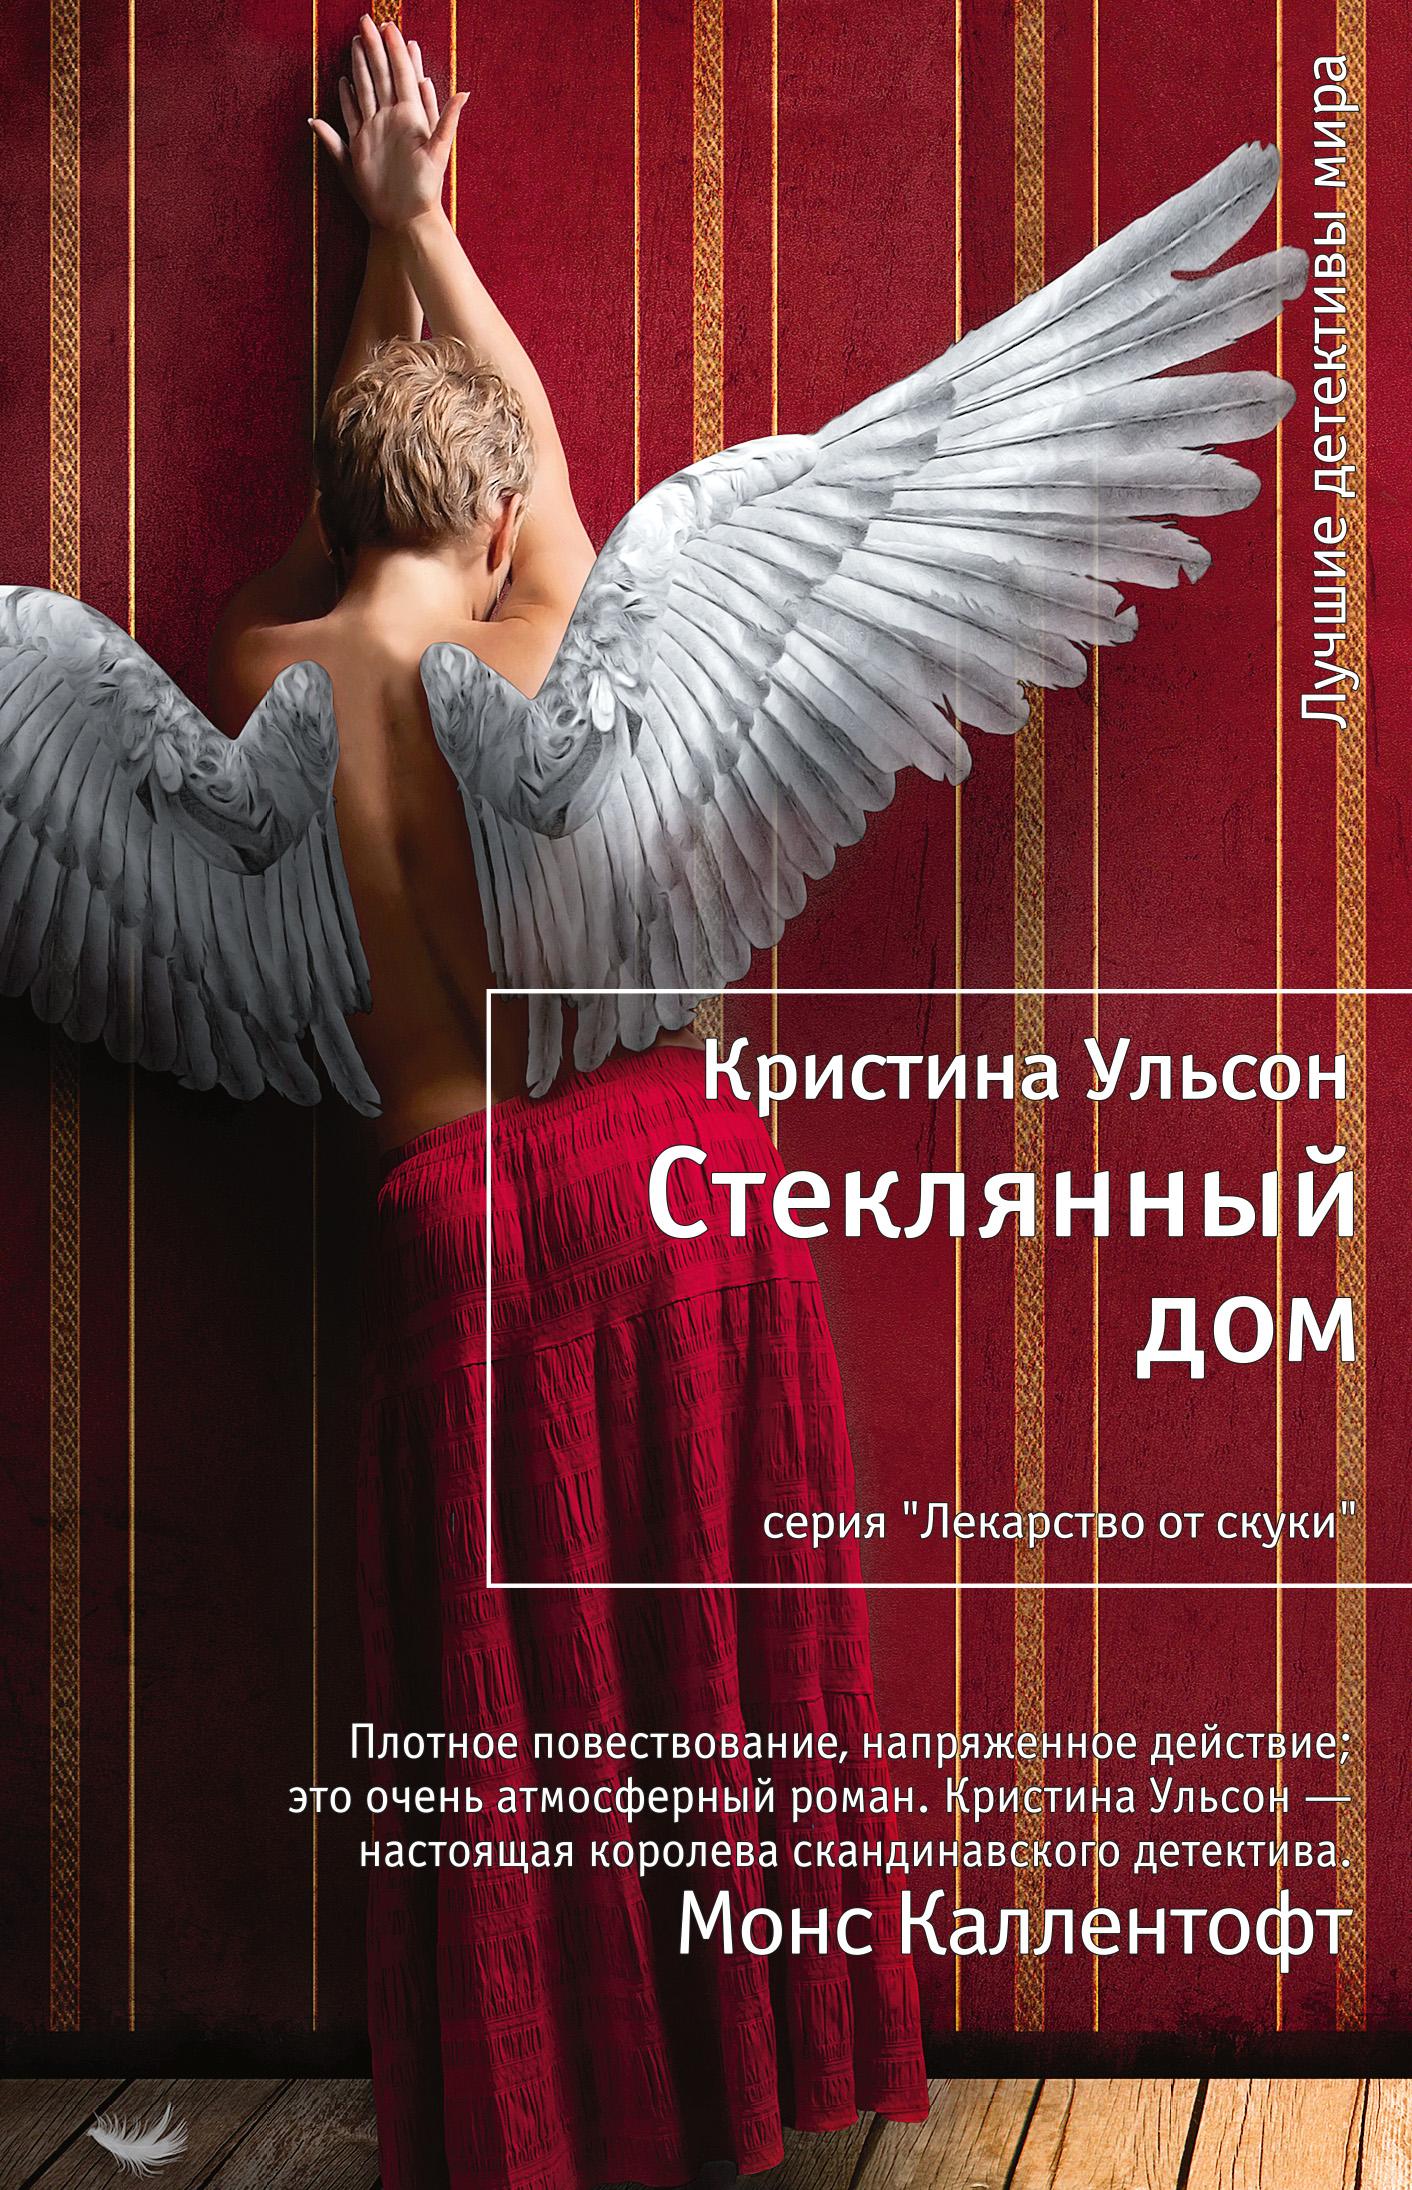 ebook Хирургическая